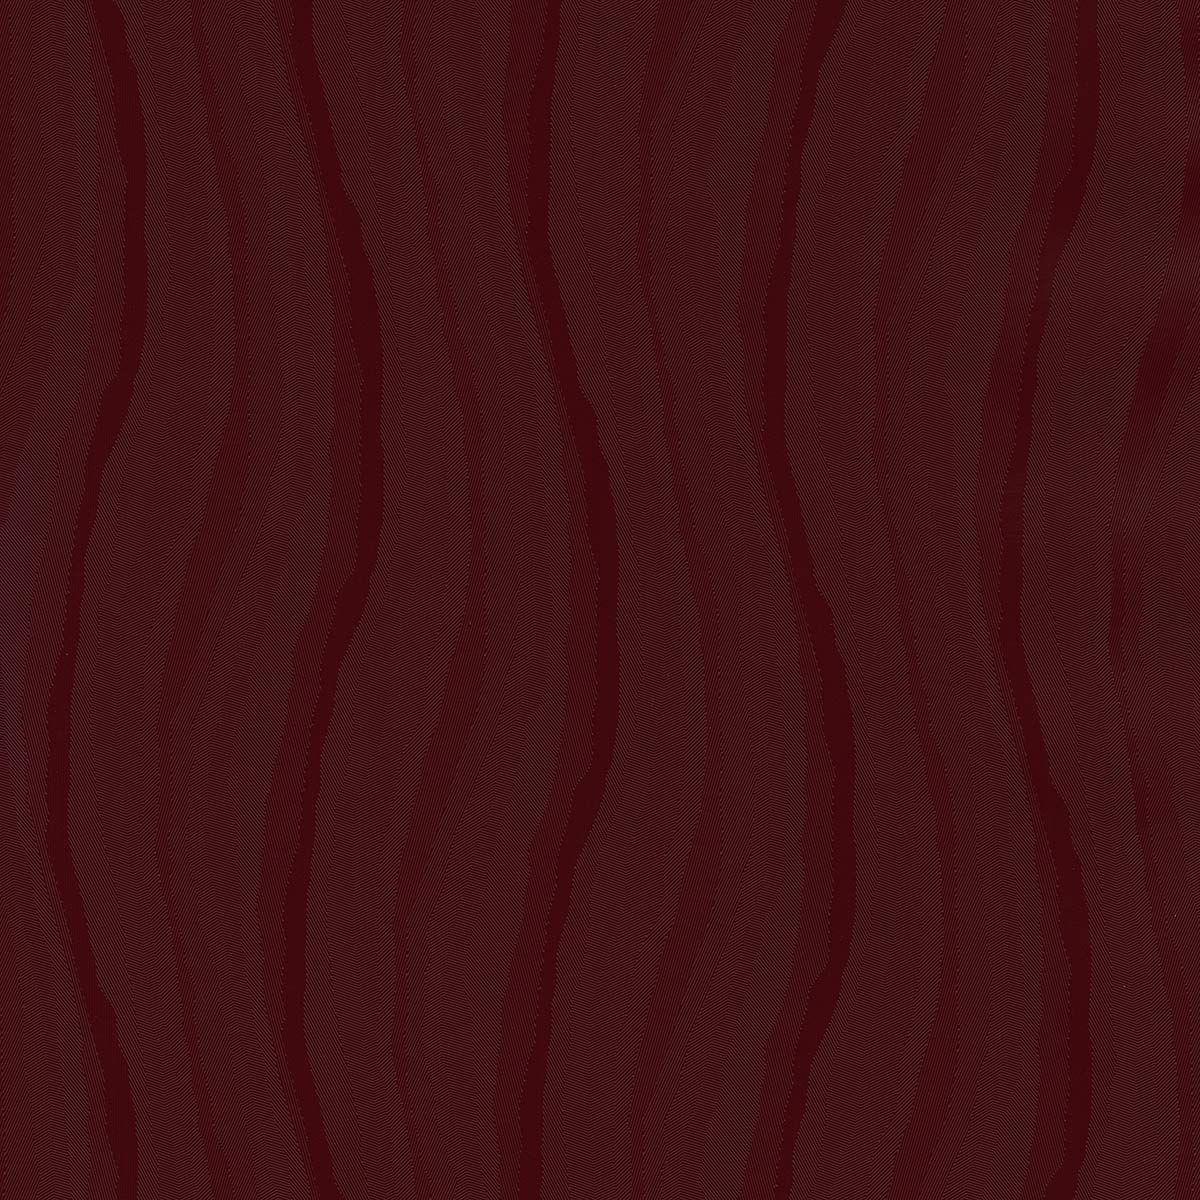 شریط جداری کود الاستیکر PS-38